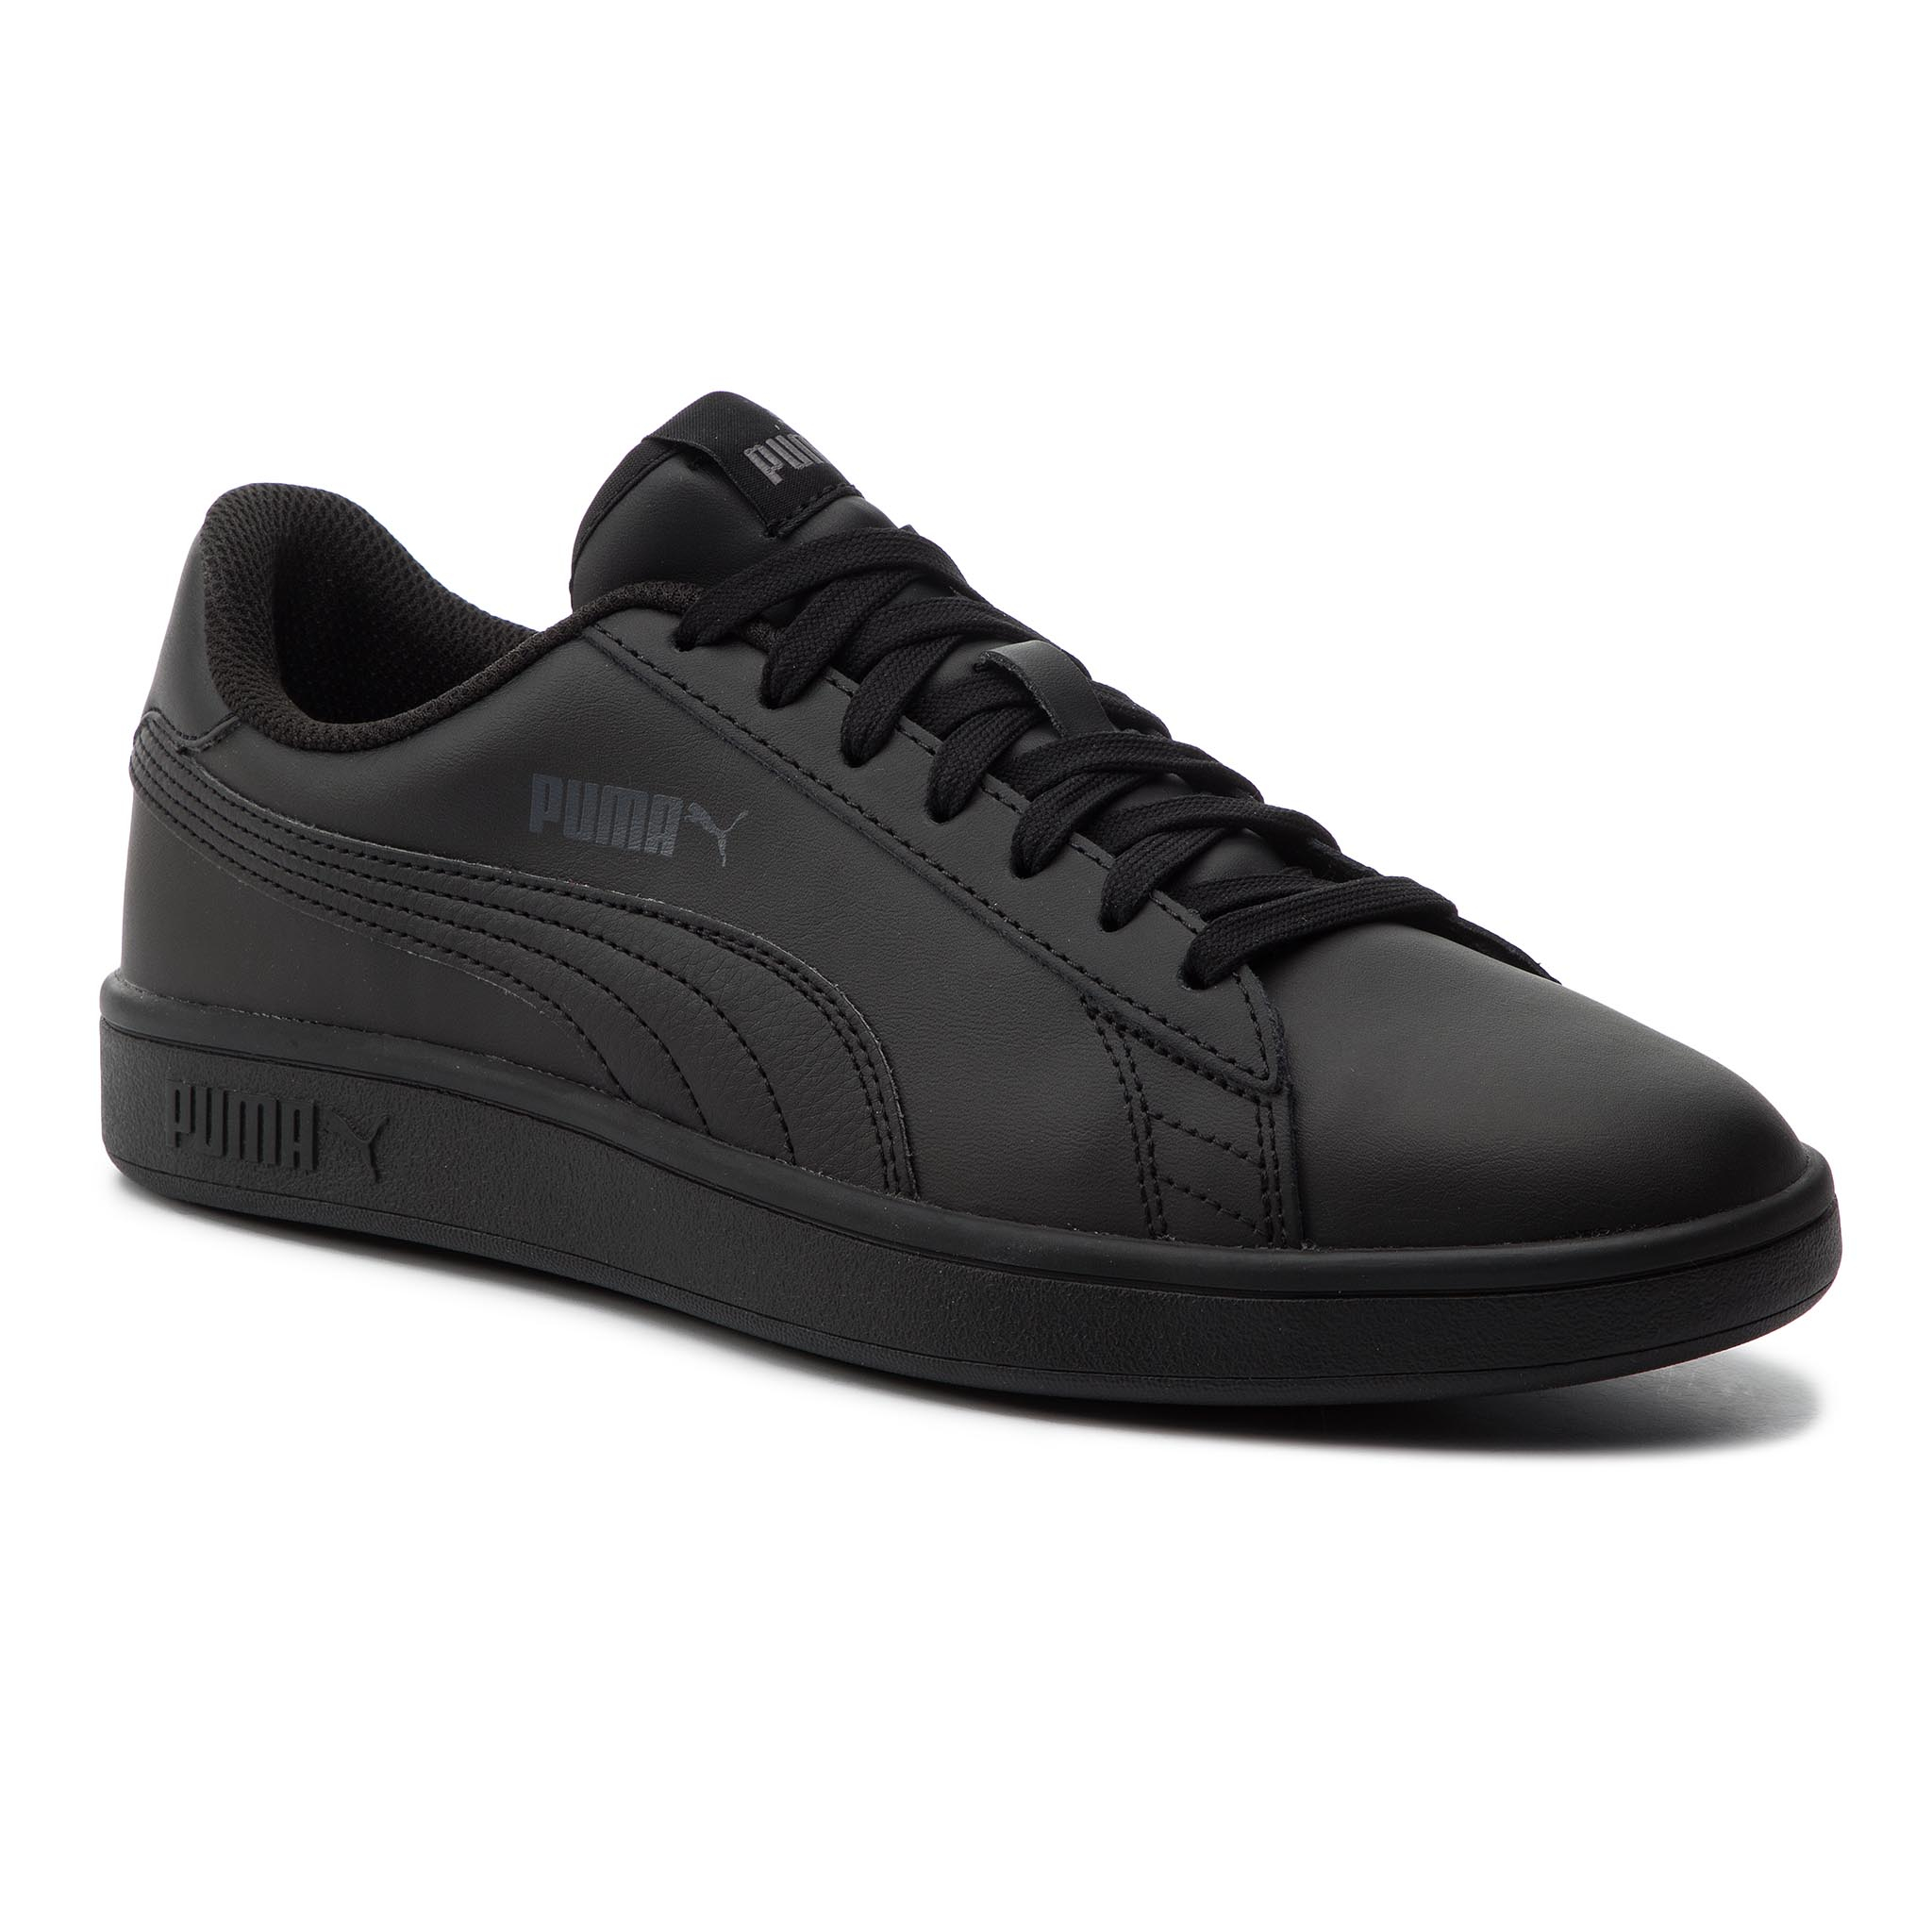 Sneakers PUMA Smash Vl L 365215 03 Puma WhiteAmazon Green